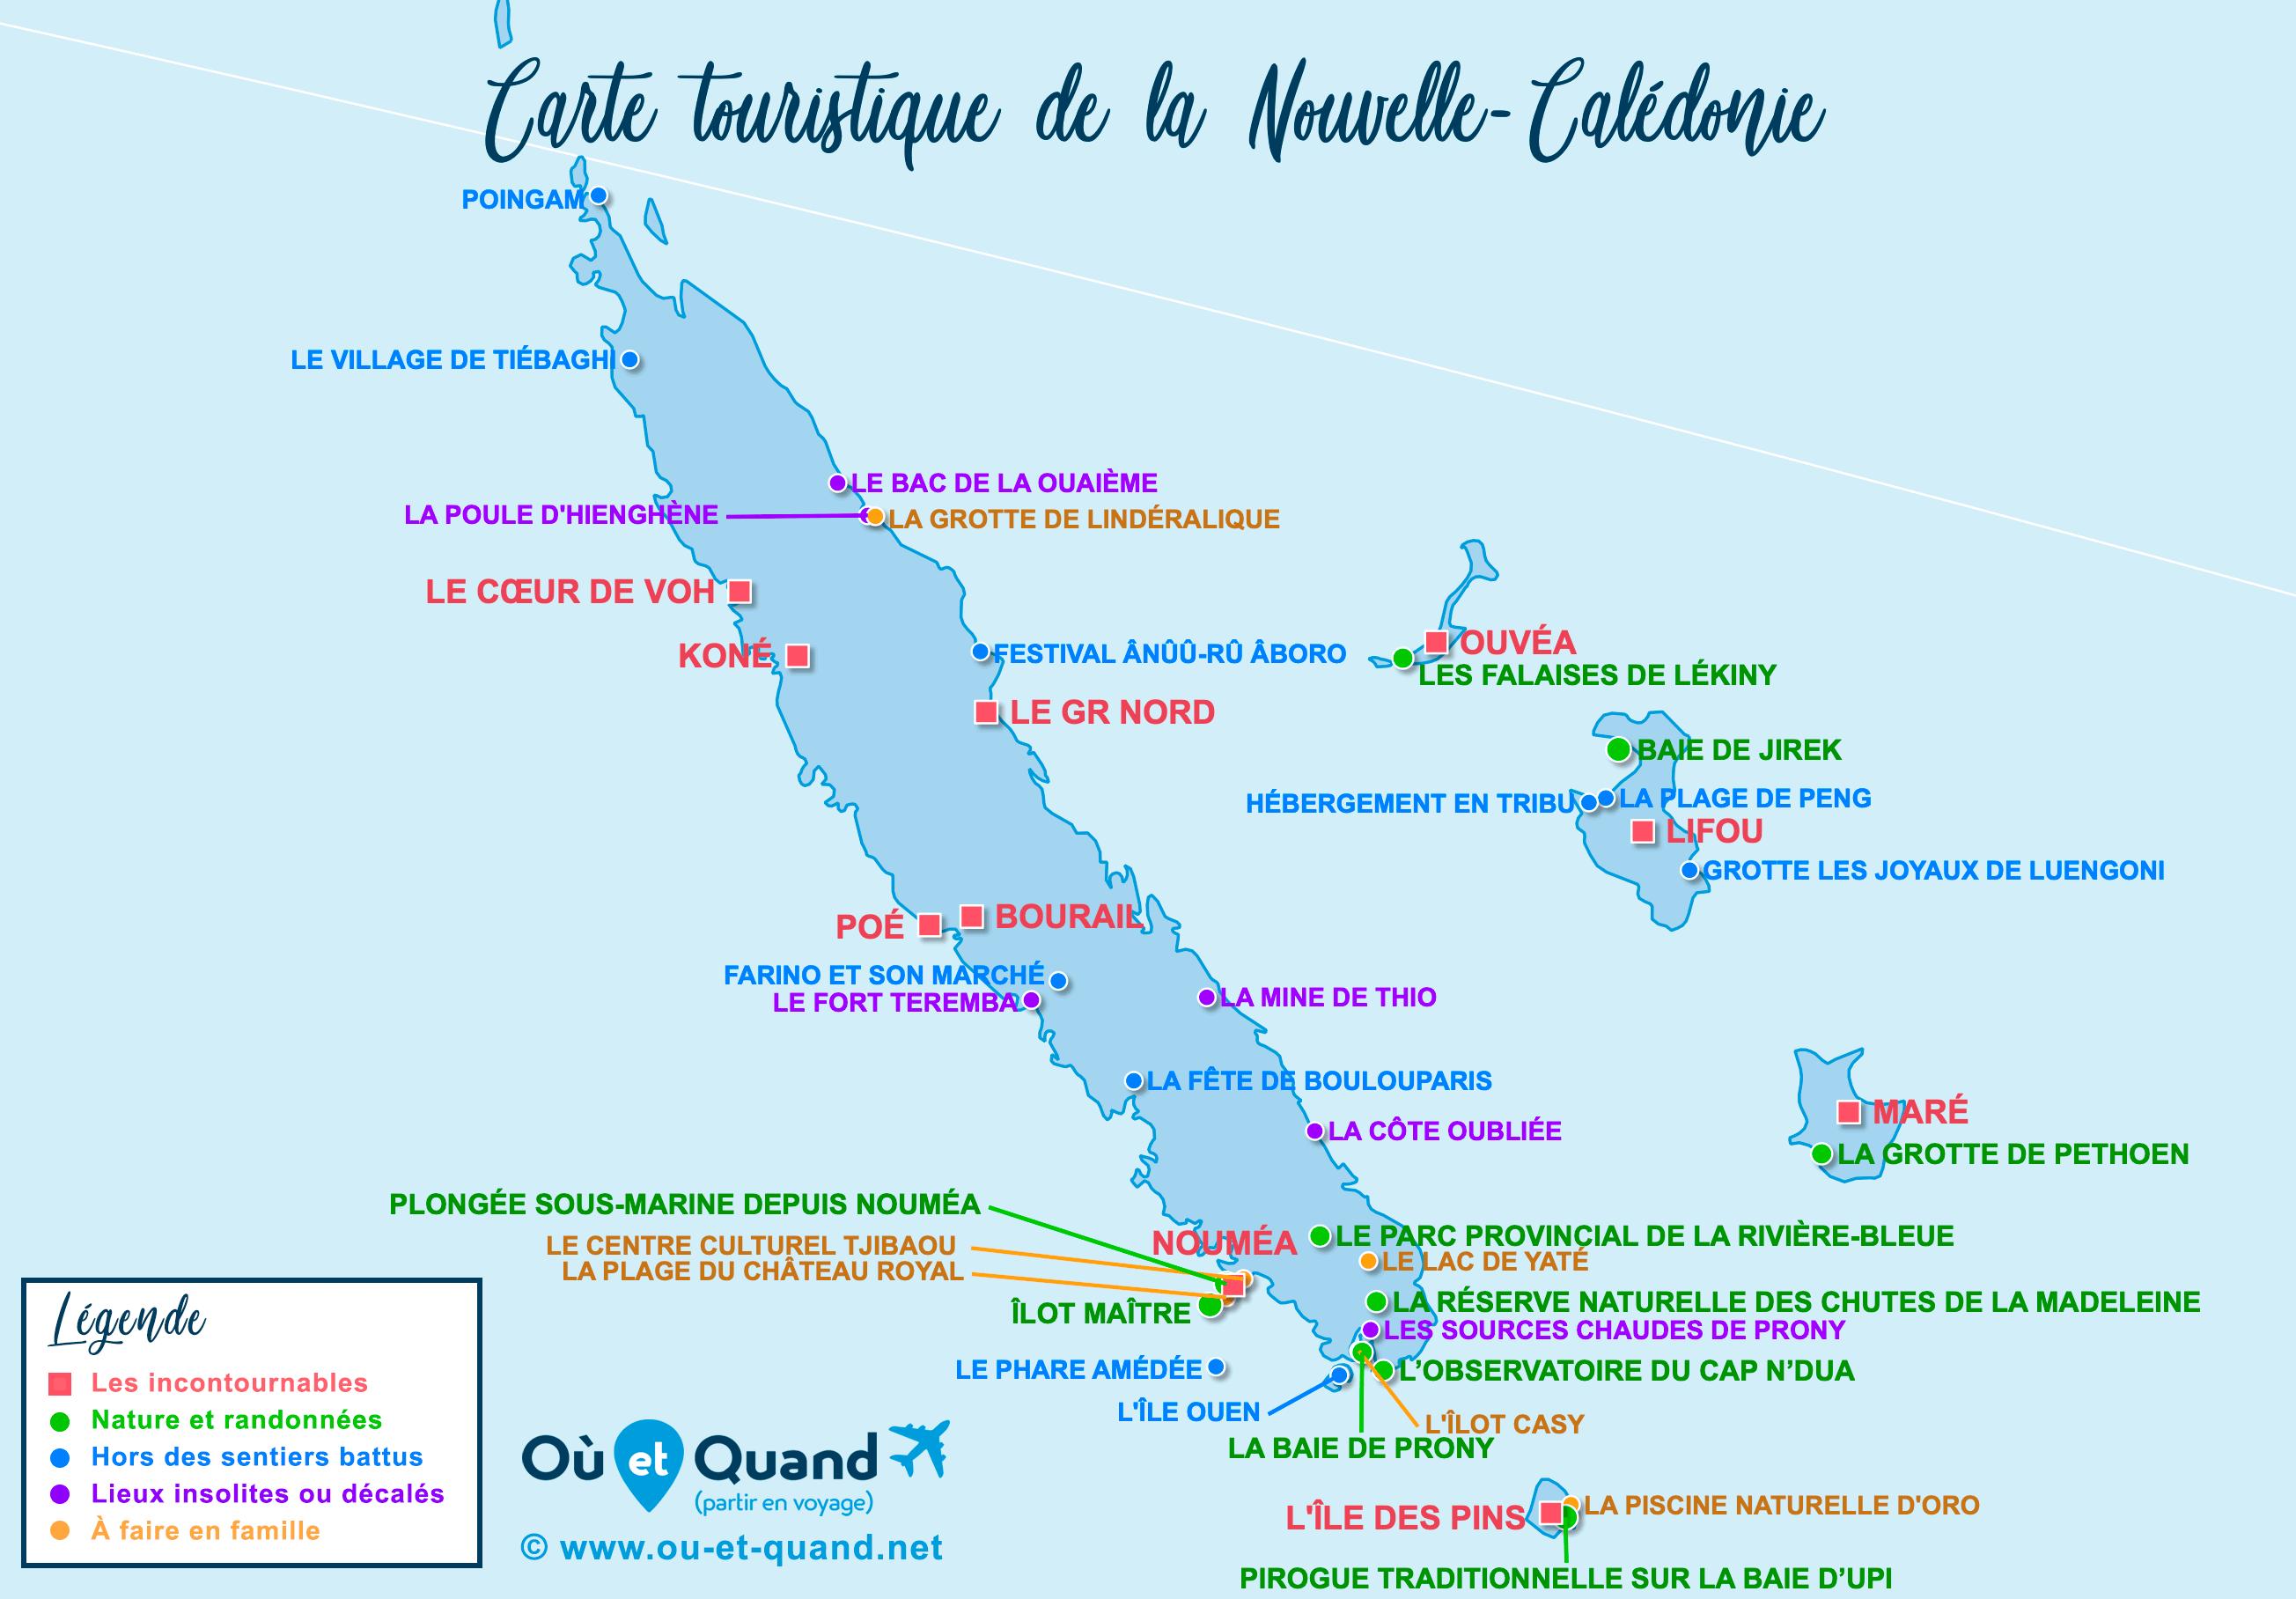 Carte Nouvelle-Calédonie : tous les lieux à visiter lors de votre voyage